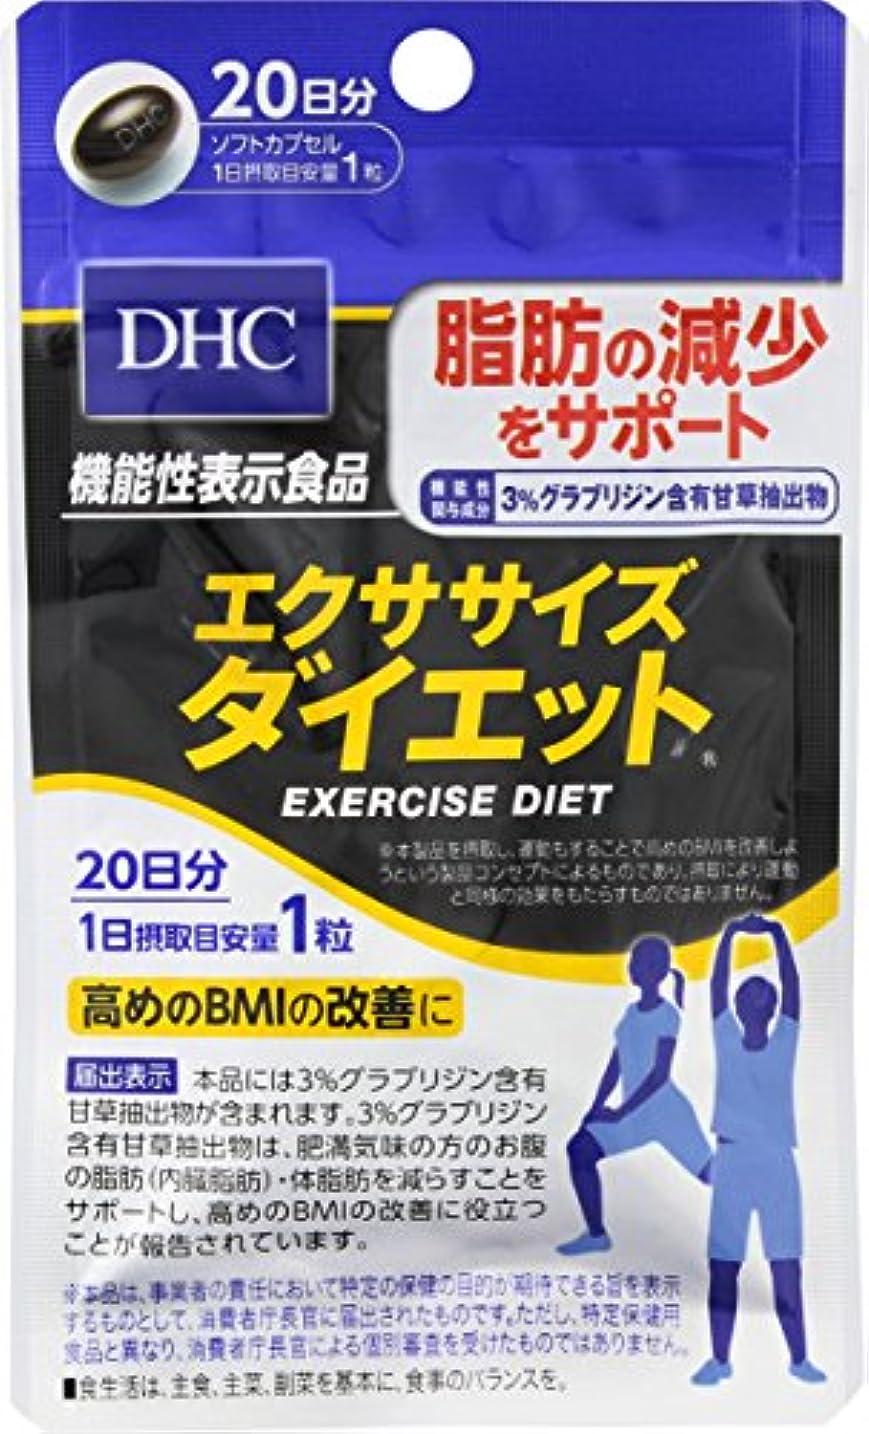 南イル付録DHC エクササイズダイエット 20日 20粒【機能性表示食品】